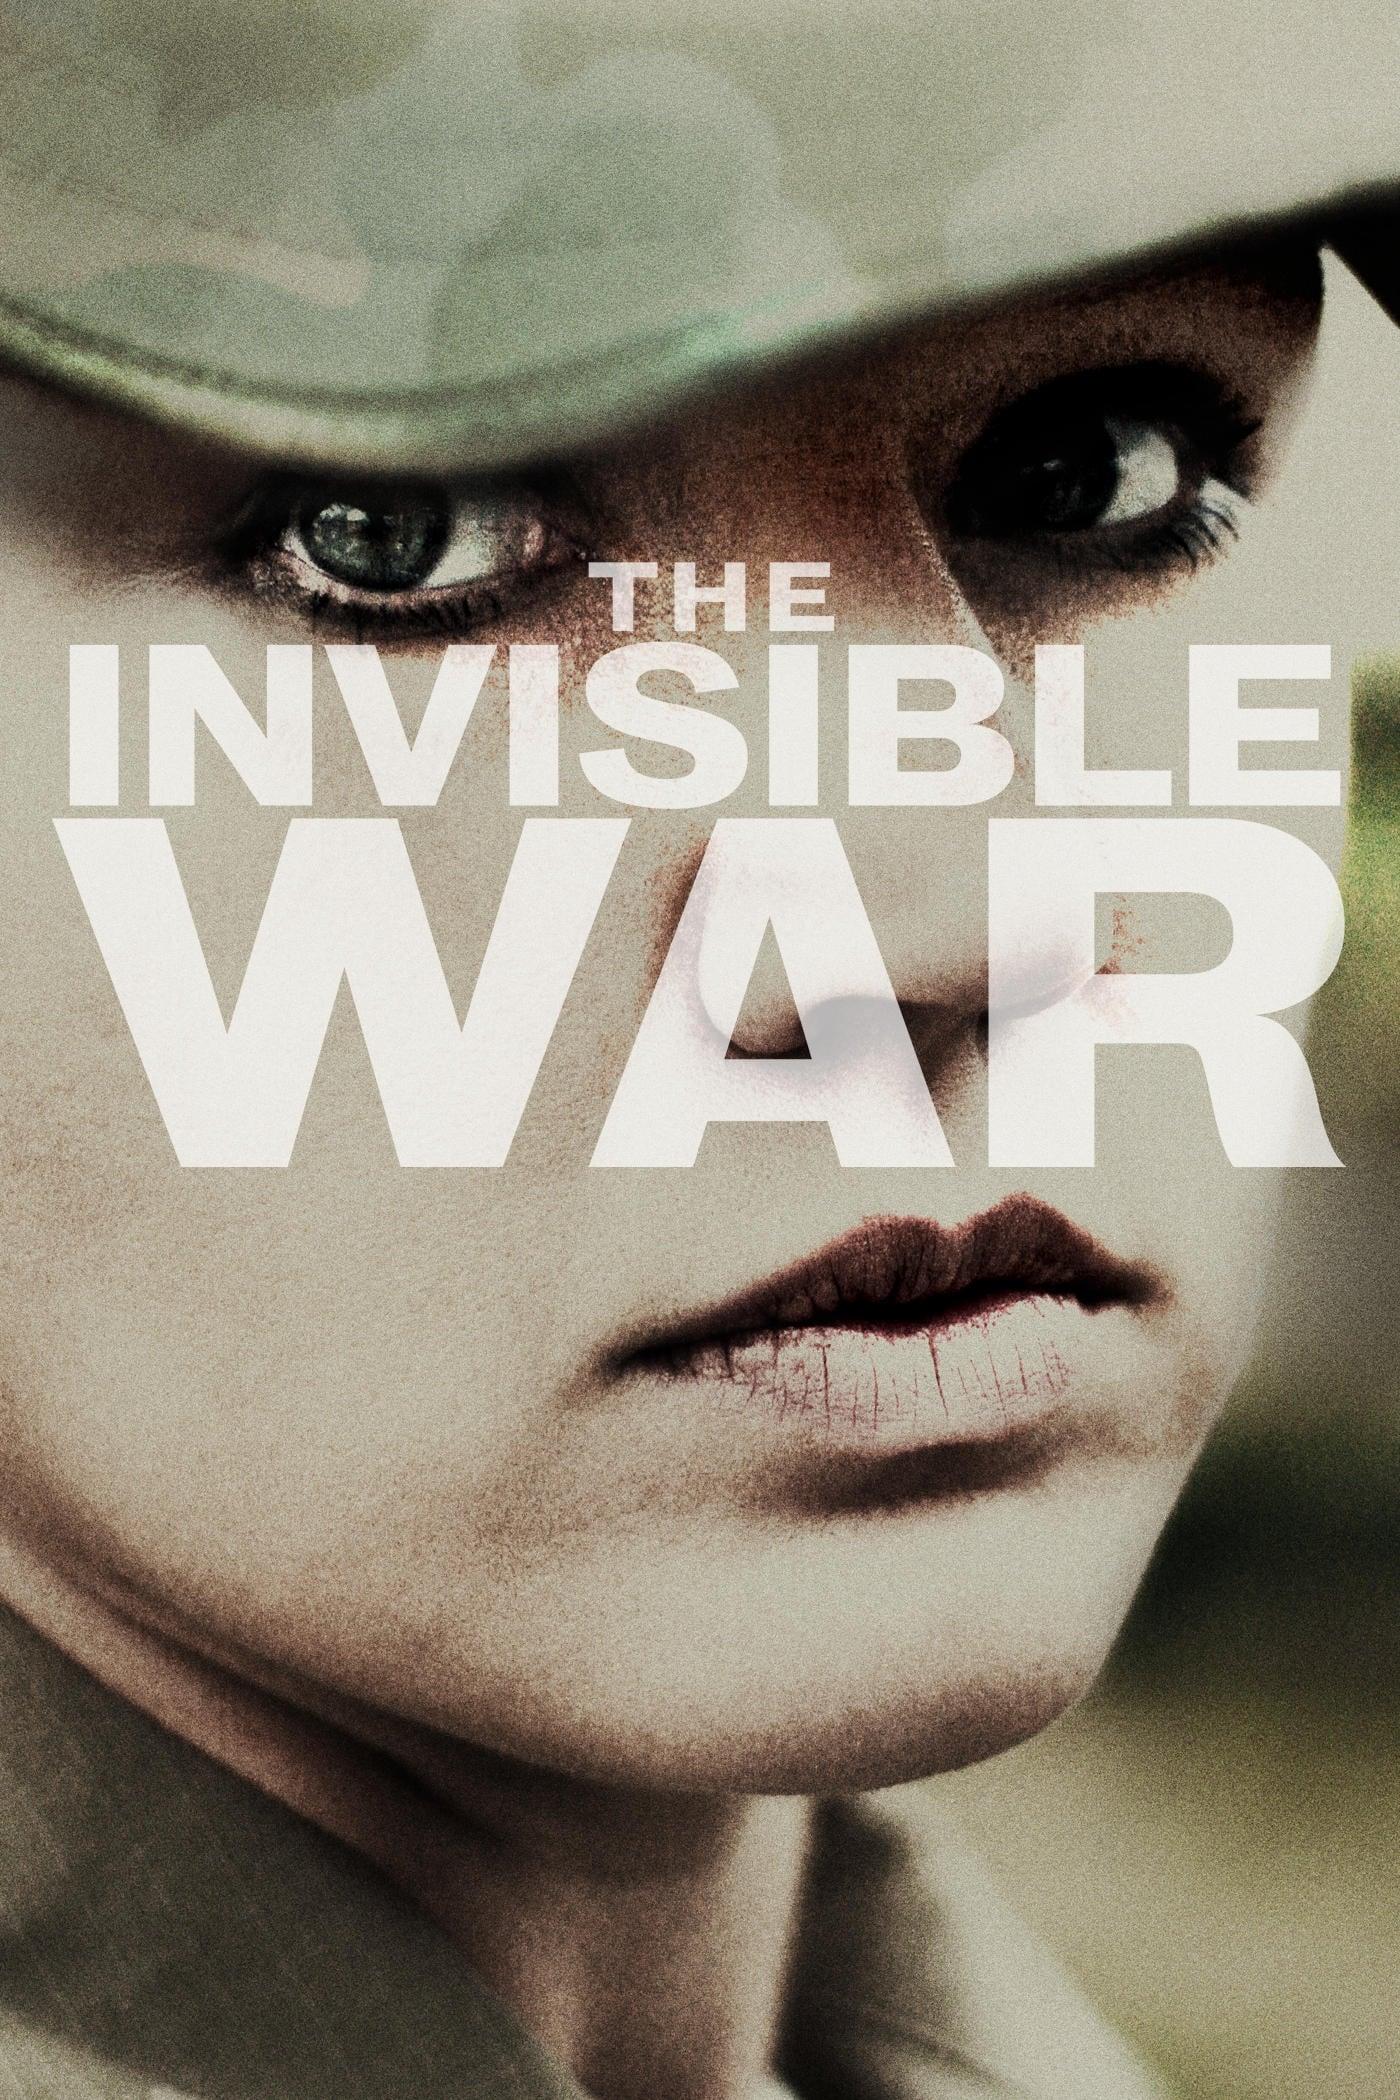 A Guerra Invisível